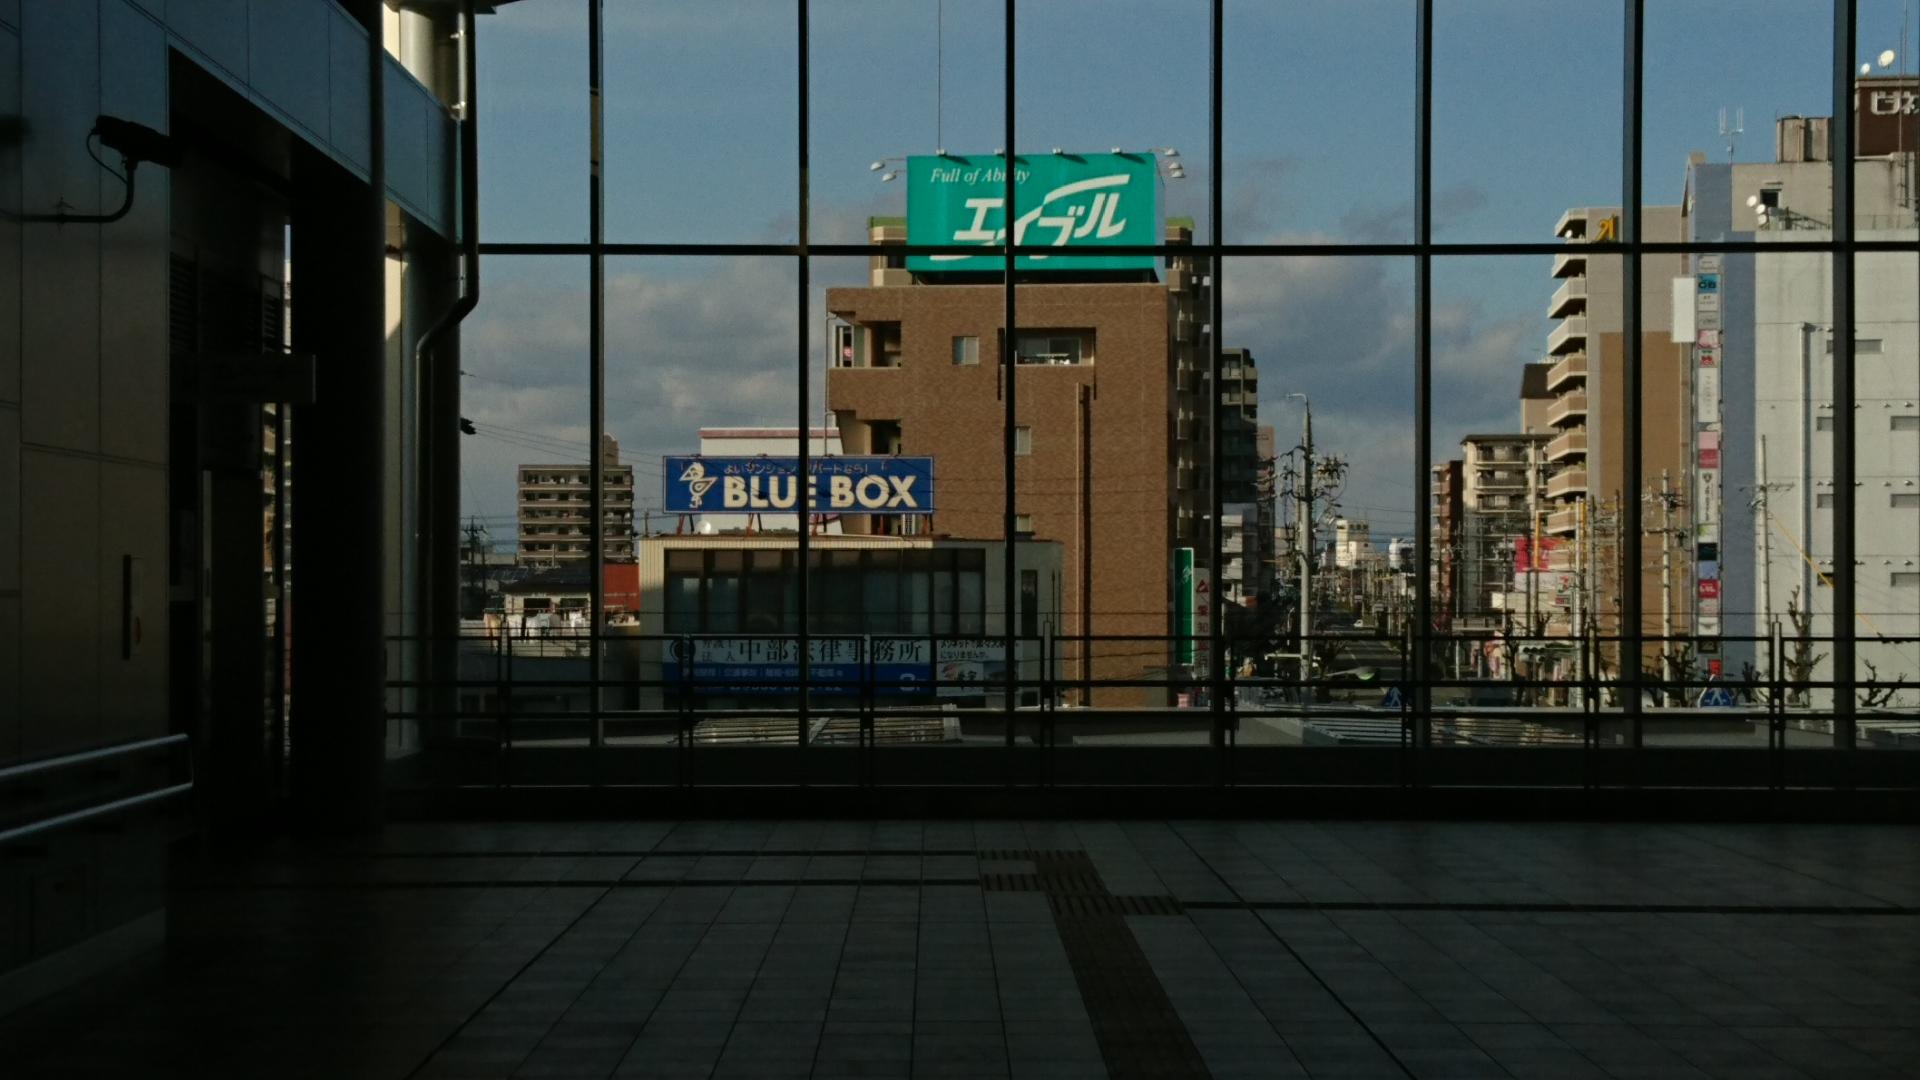 2016.12.14 春日井 (11) 自由通路(きたむき)1920-1080